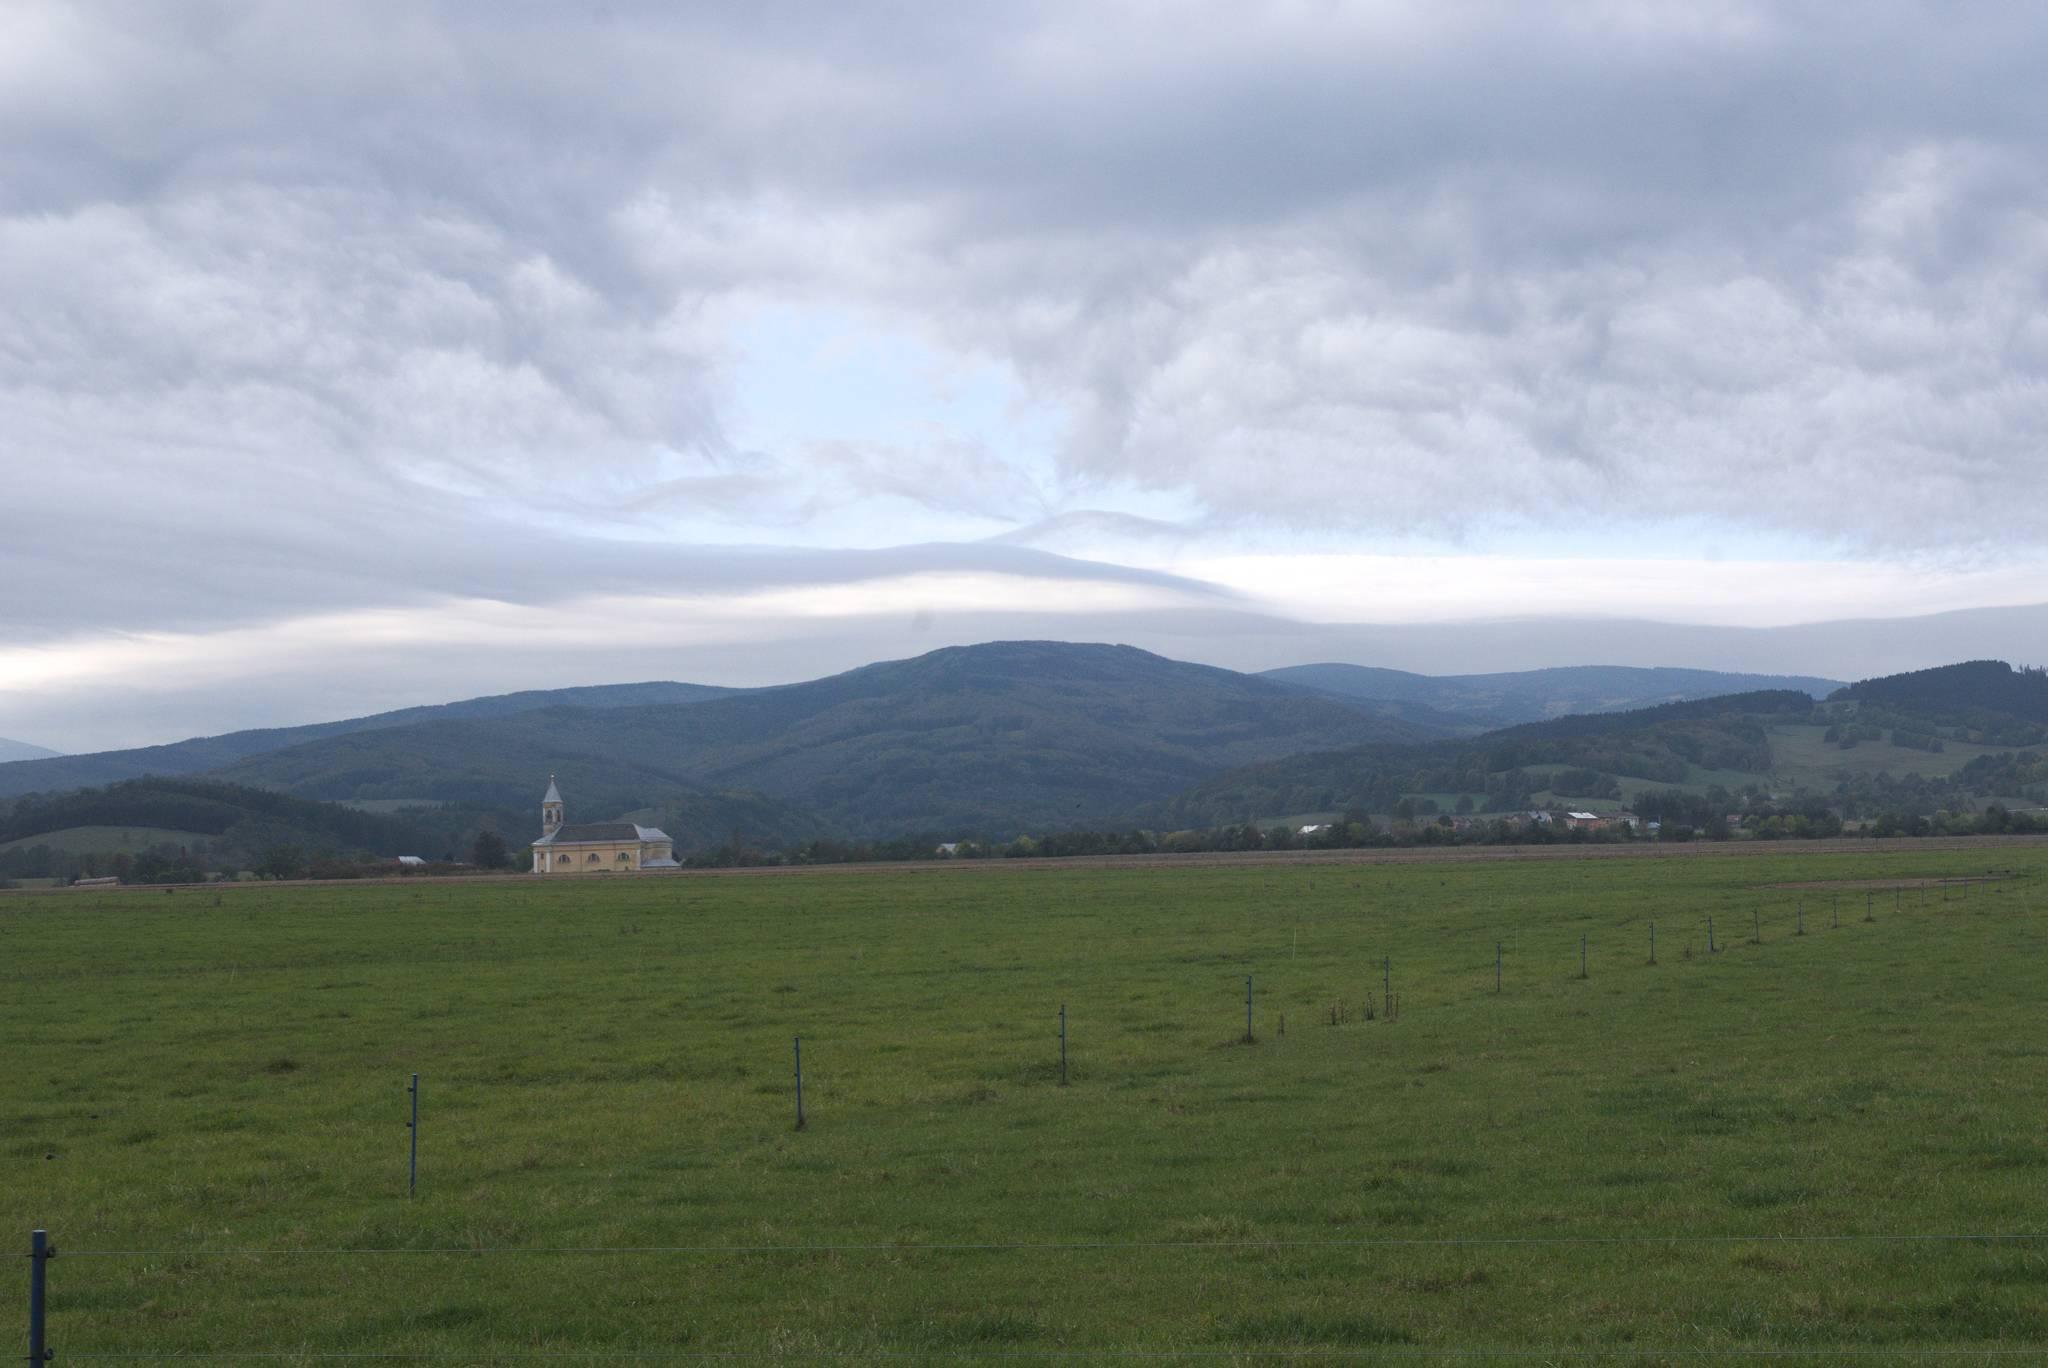 Chmury gęsto oplatają góry, ale ja jadę w drugą stronę